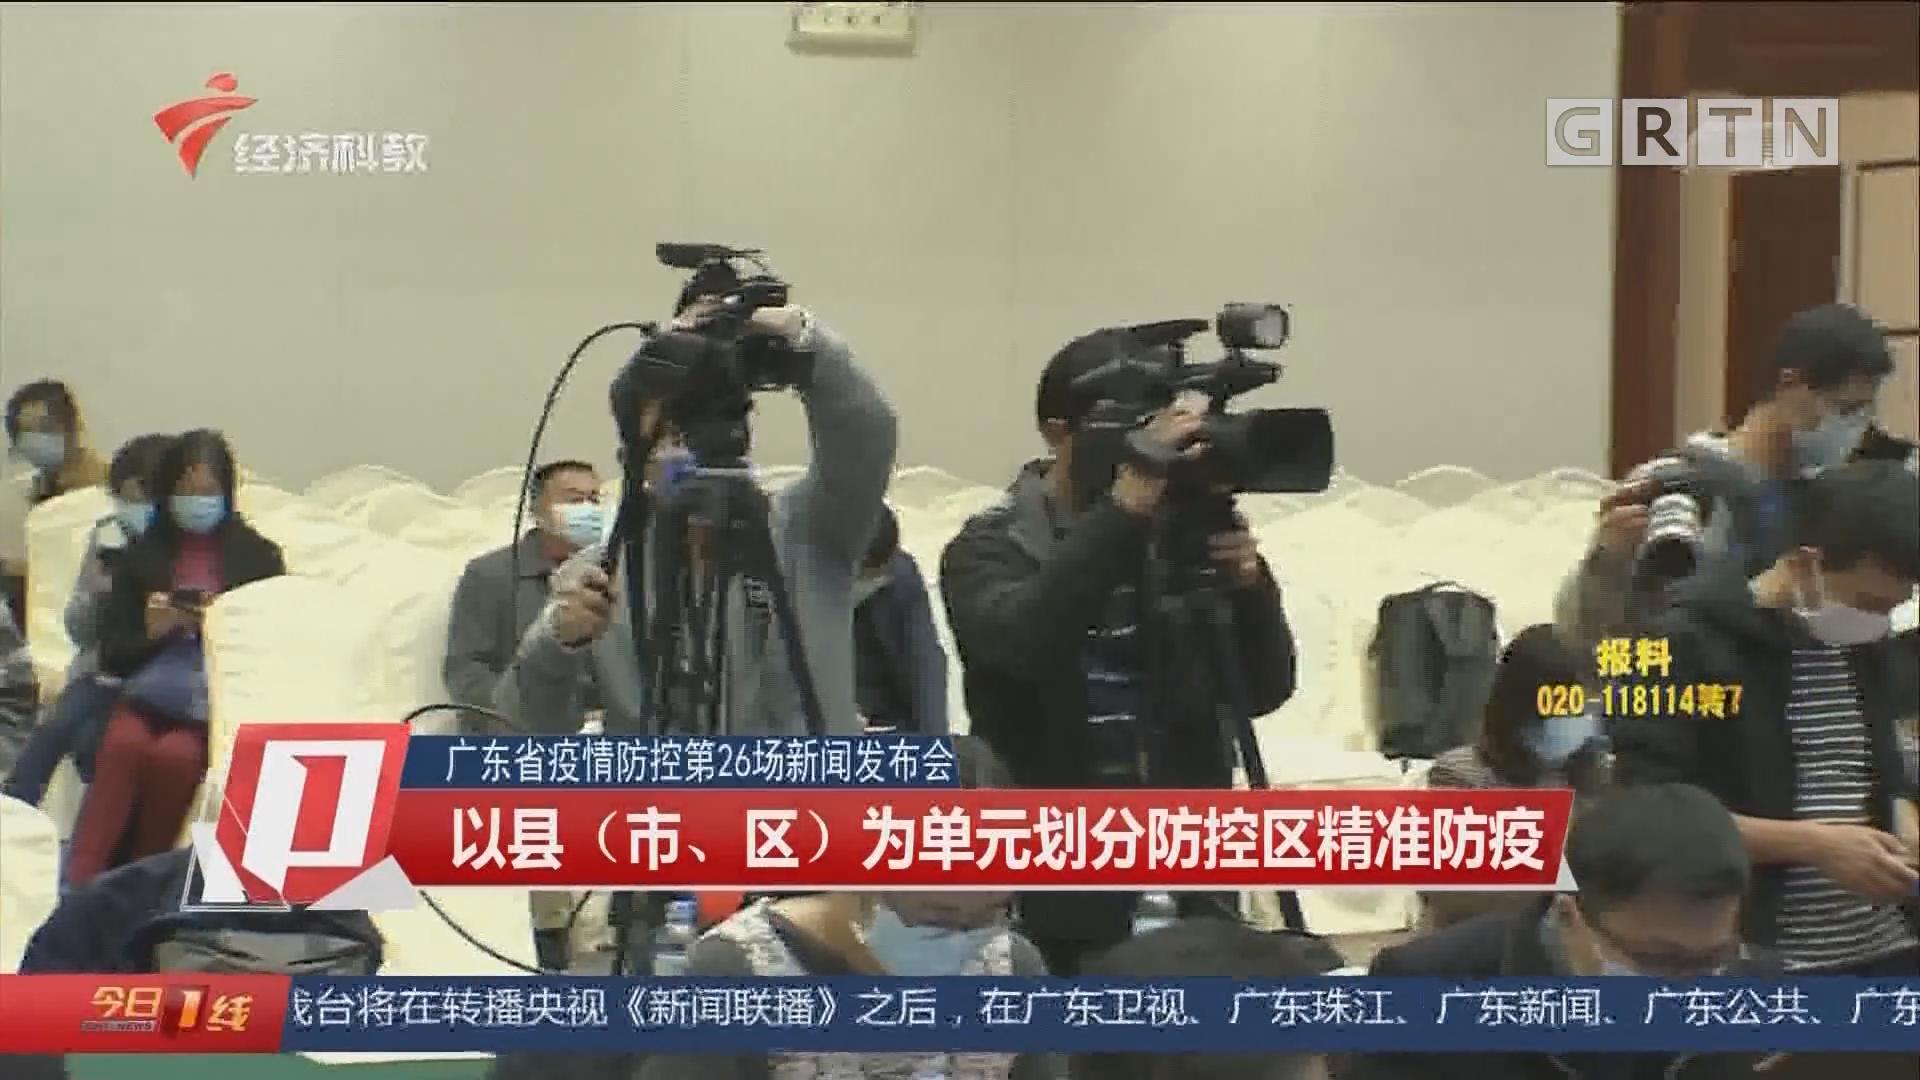 广东省疫情防控第26场新闻发布会:以县(市、区)为单元划分防控区精准防疫